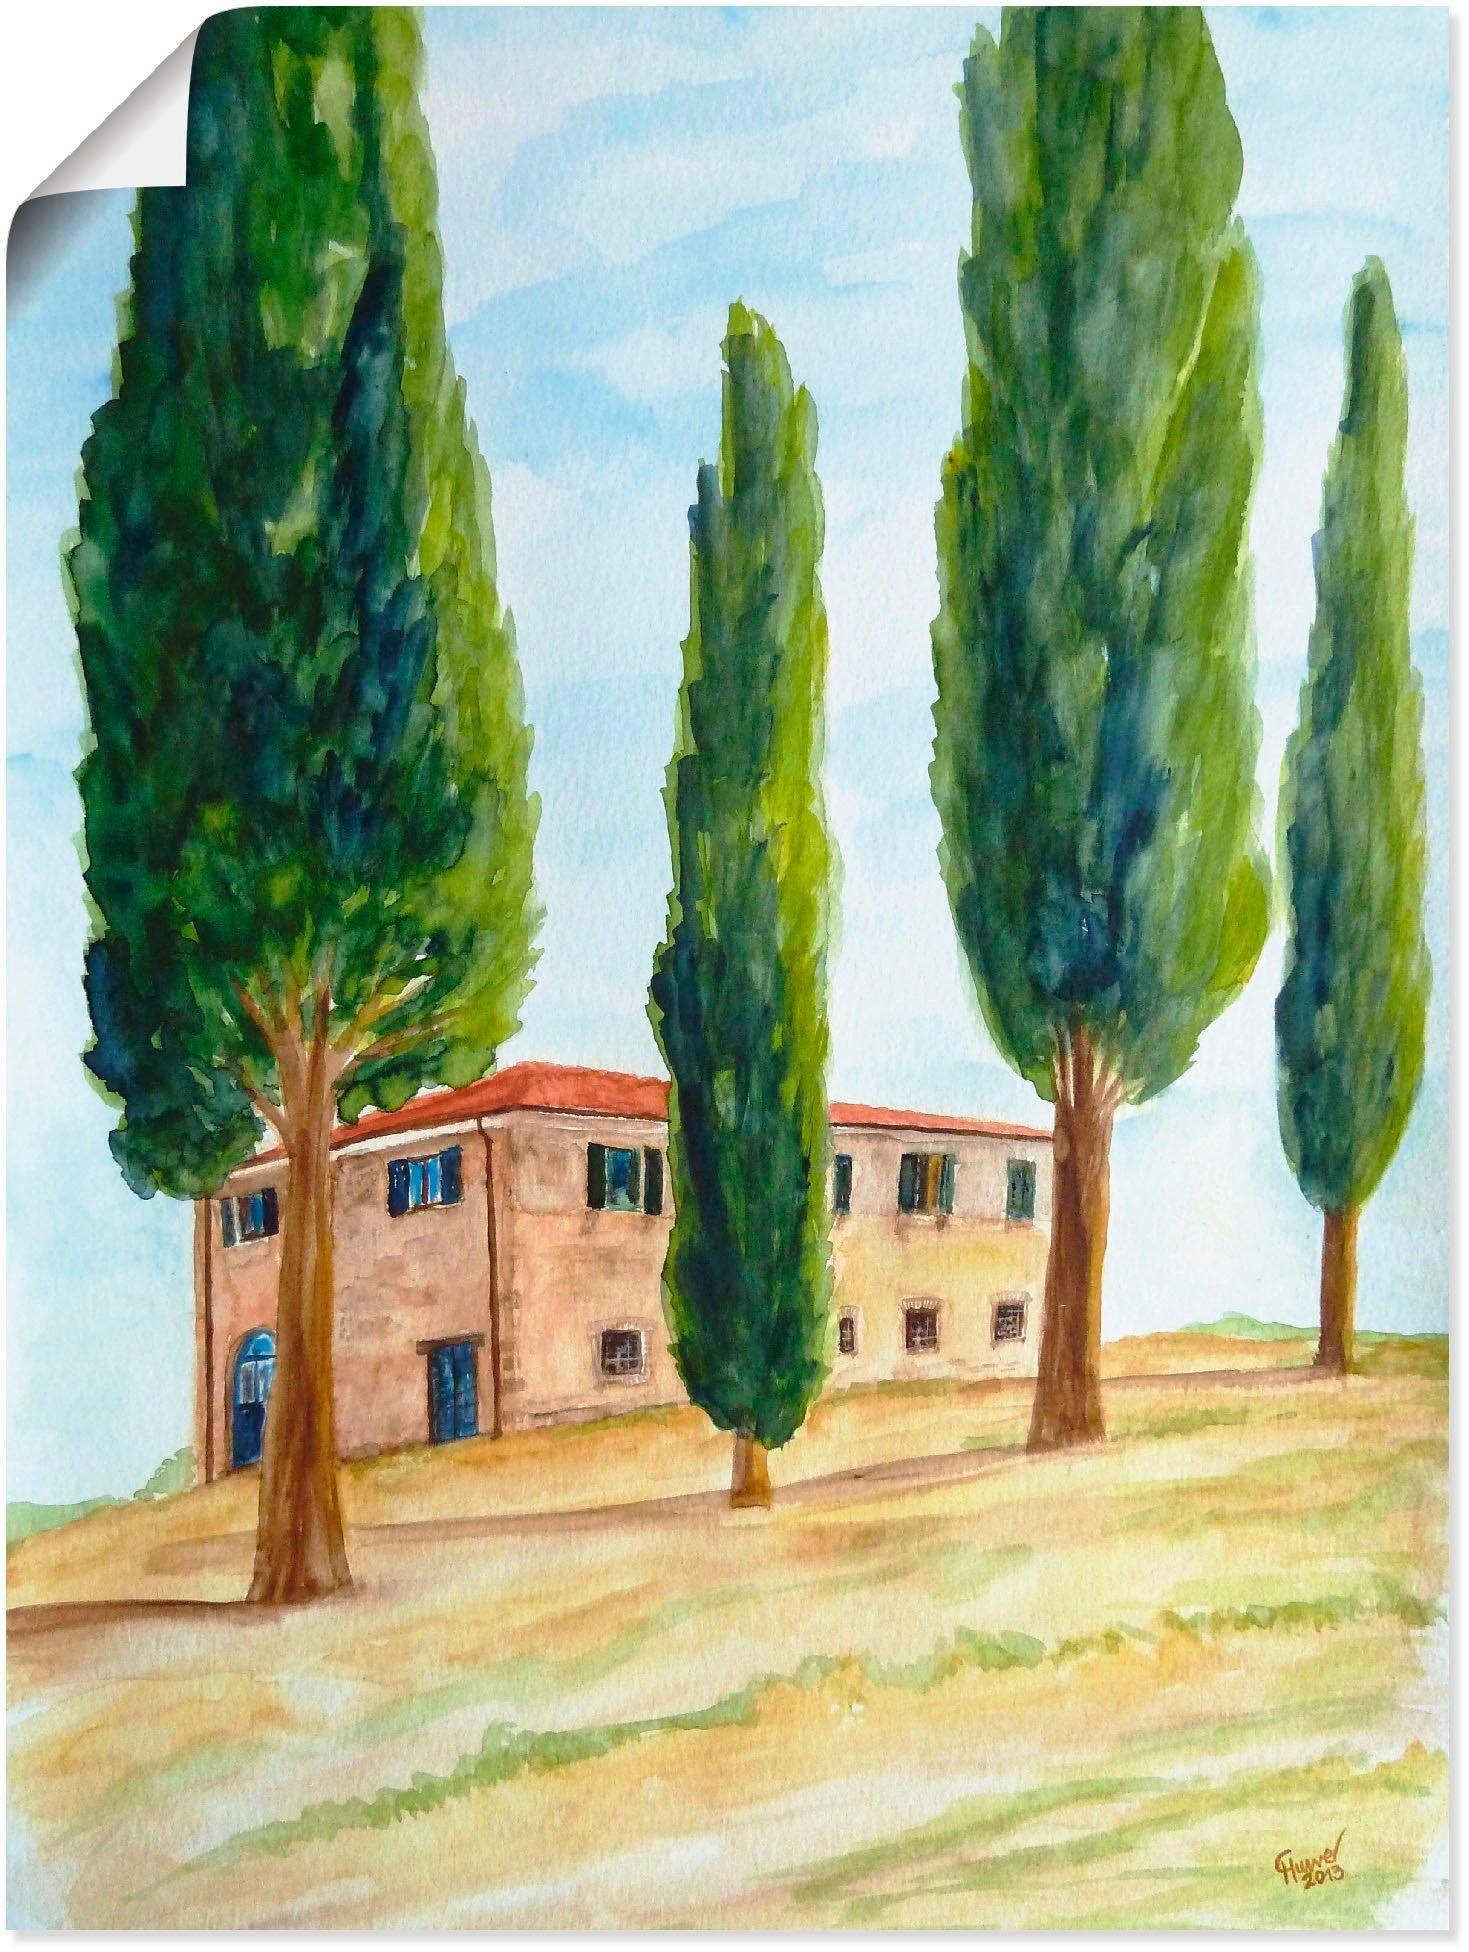 Artland artprint Landhuis in de Toscane in vele afmetingen & productsoorten -artprint op linnen, poster, muursticker / wandfolie ook geschikt voor de badkamer (1 stuk) in de webshop van OTTO kopen